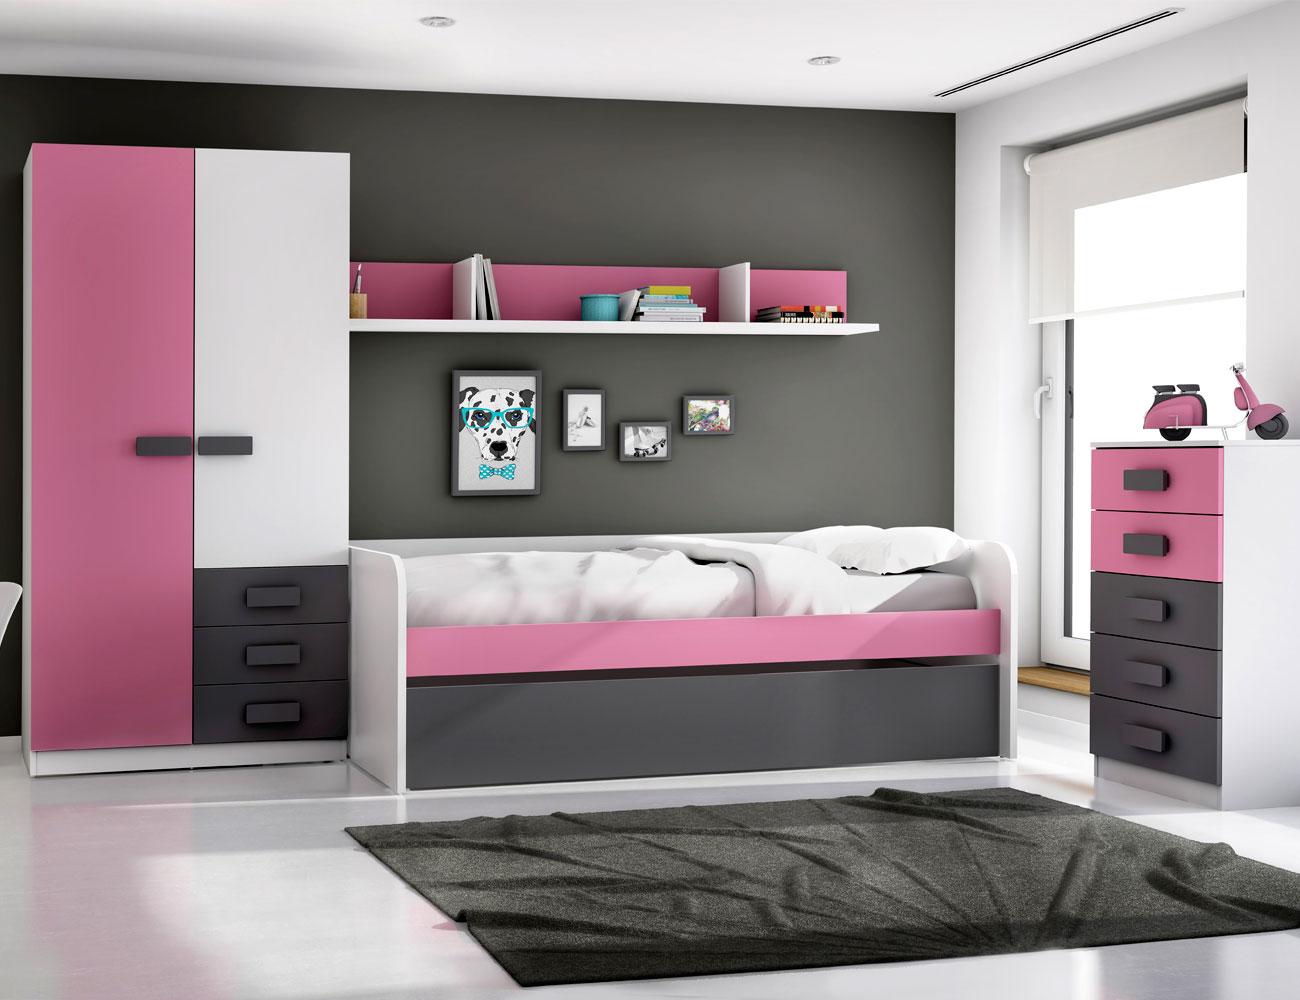 Dormitorio juvenil grafito rosa3